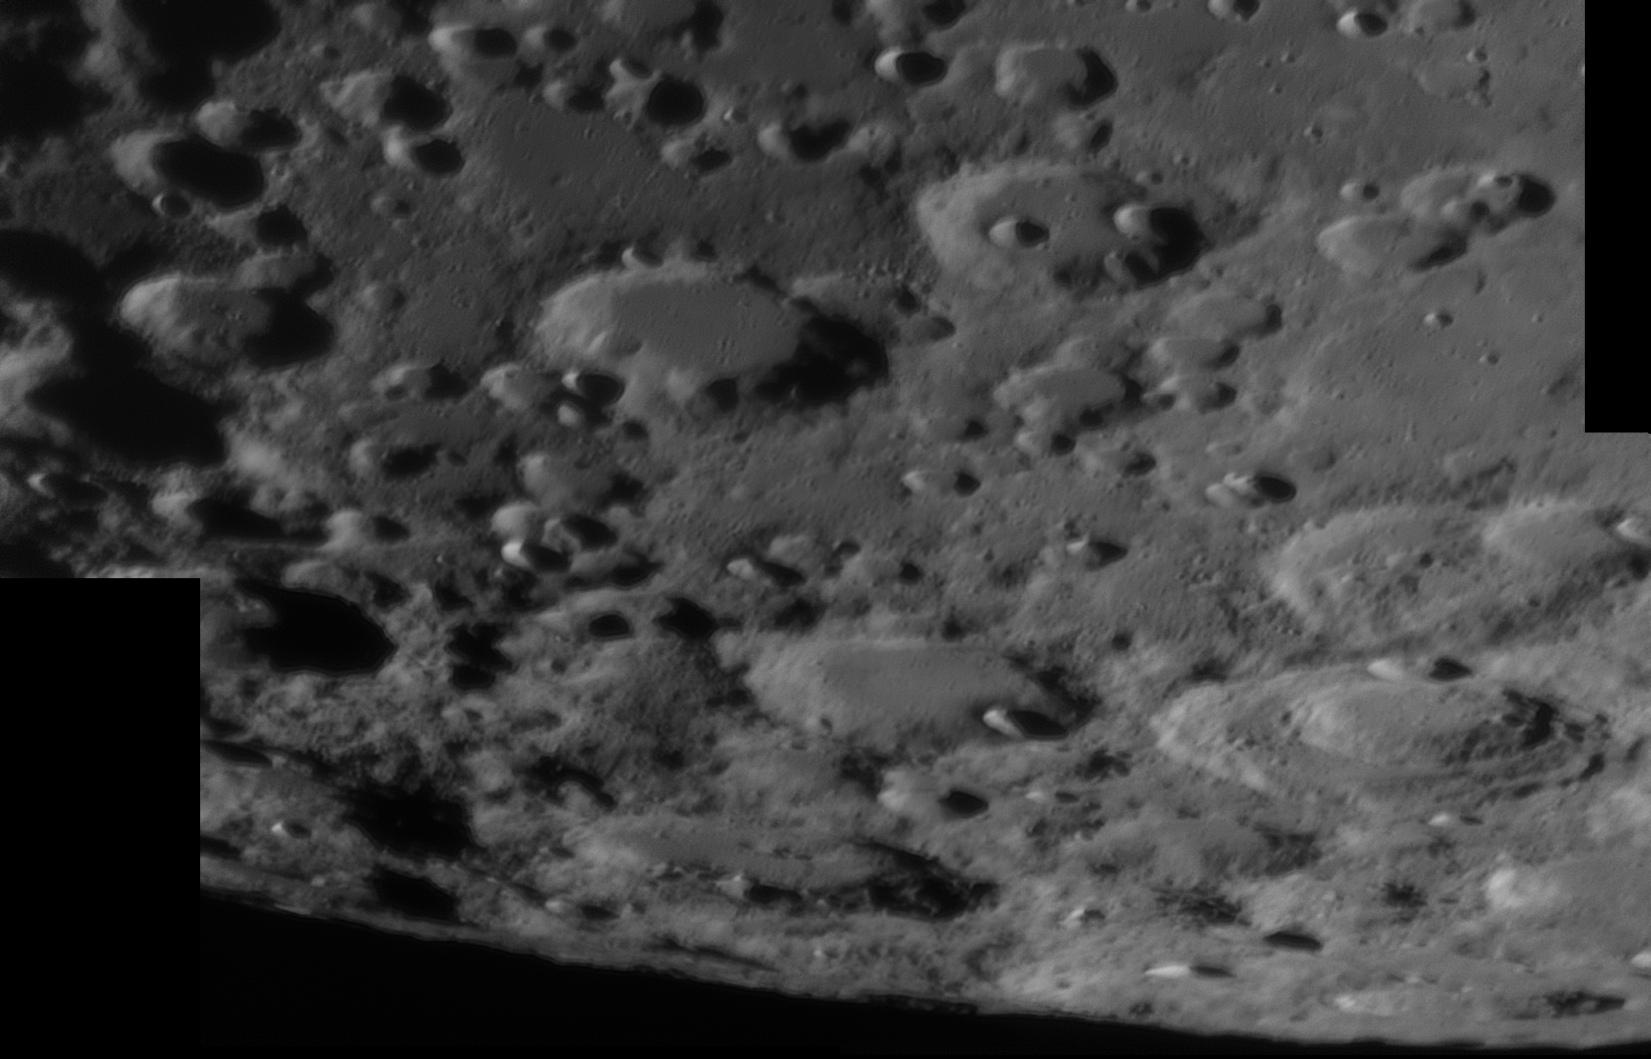 lune4.jpg.84698c5c461539f0dc874ad18a13ac98.jpg